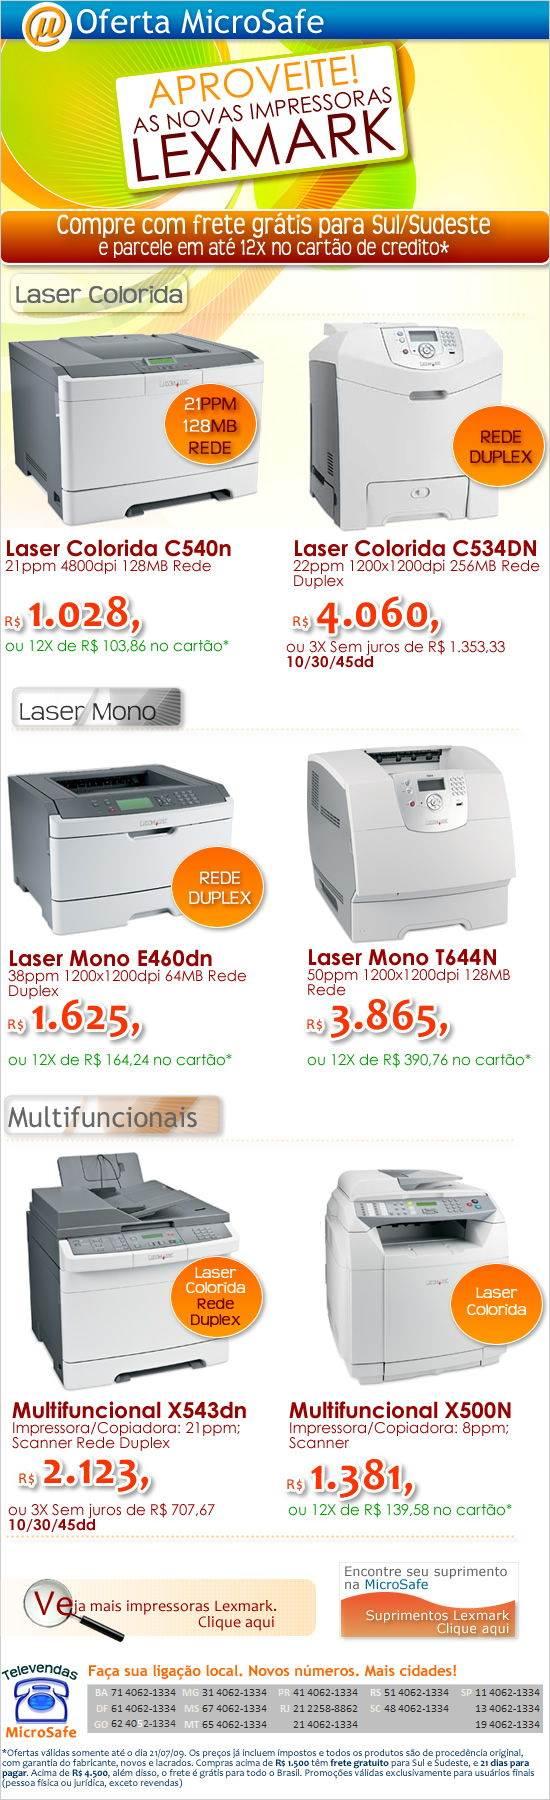 Aproveite as novas impressoras Lexmark